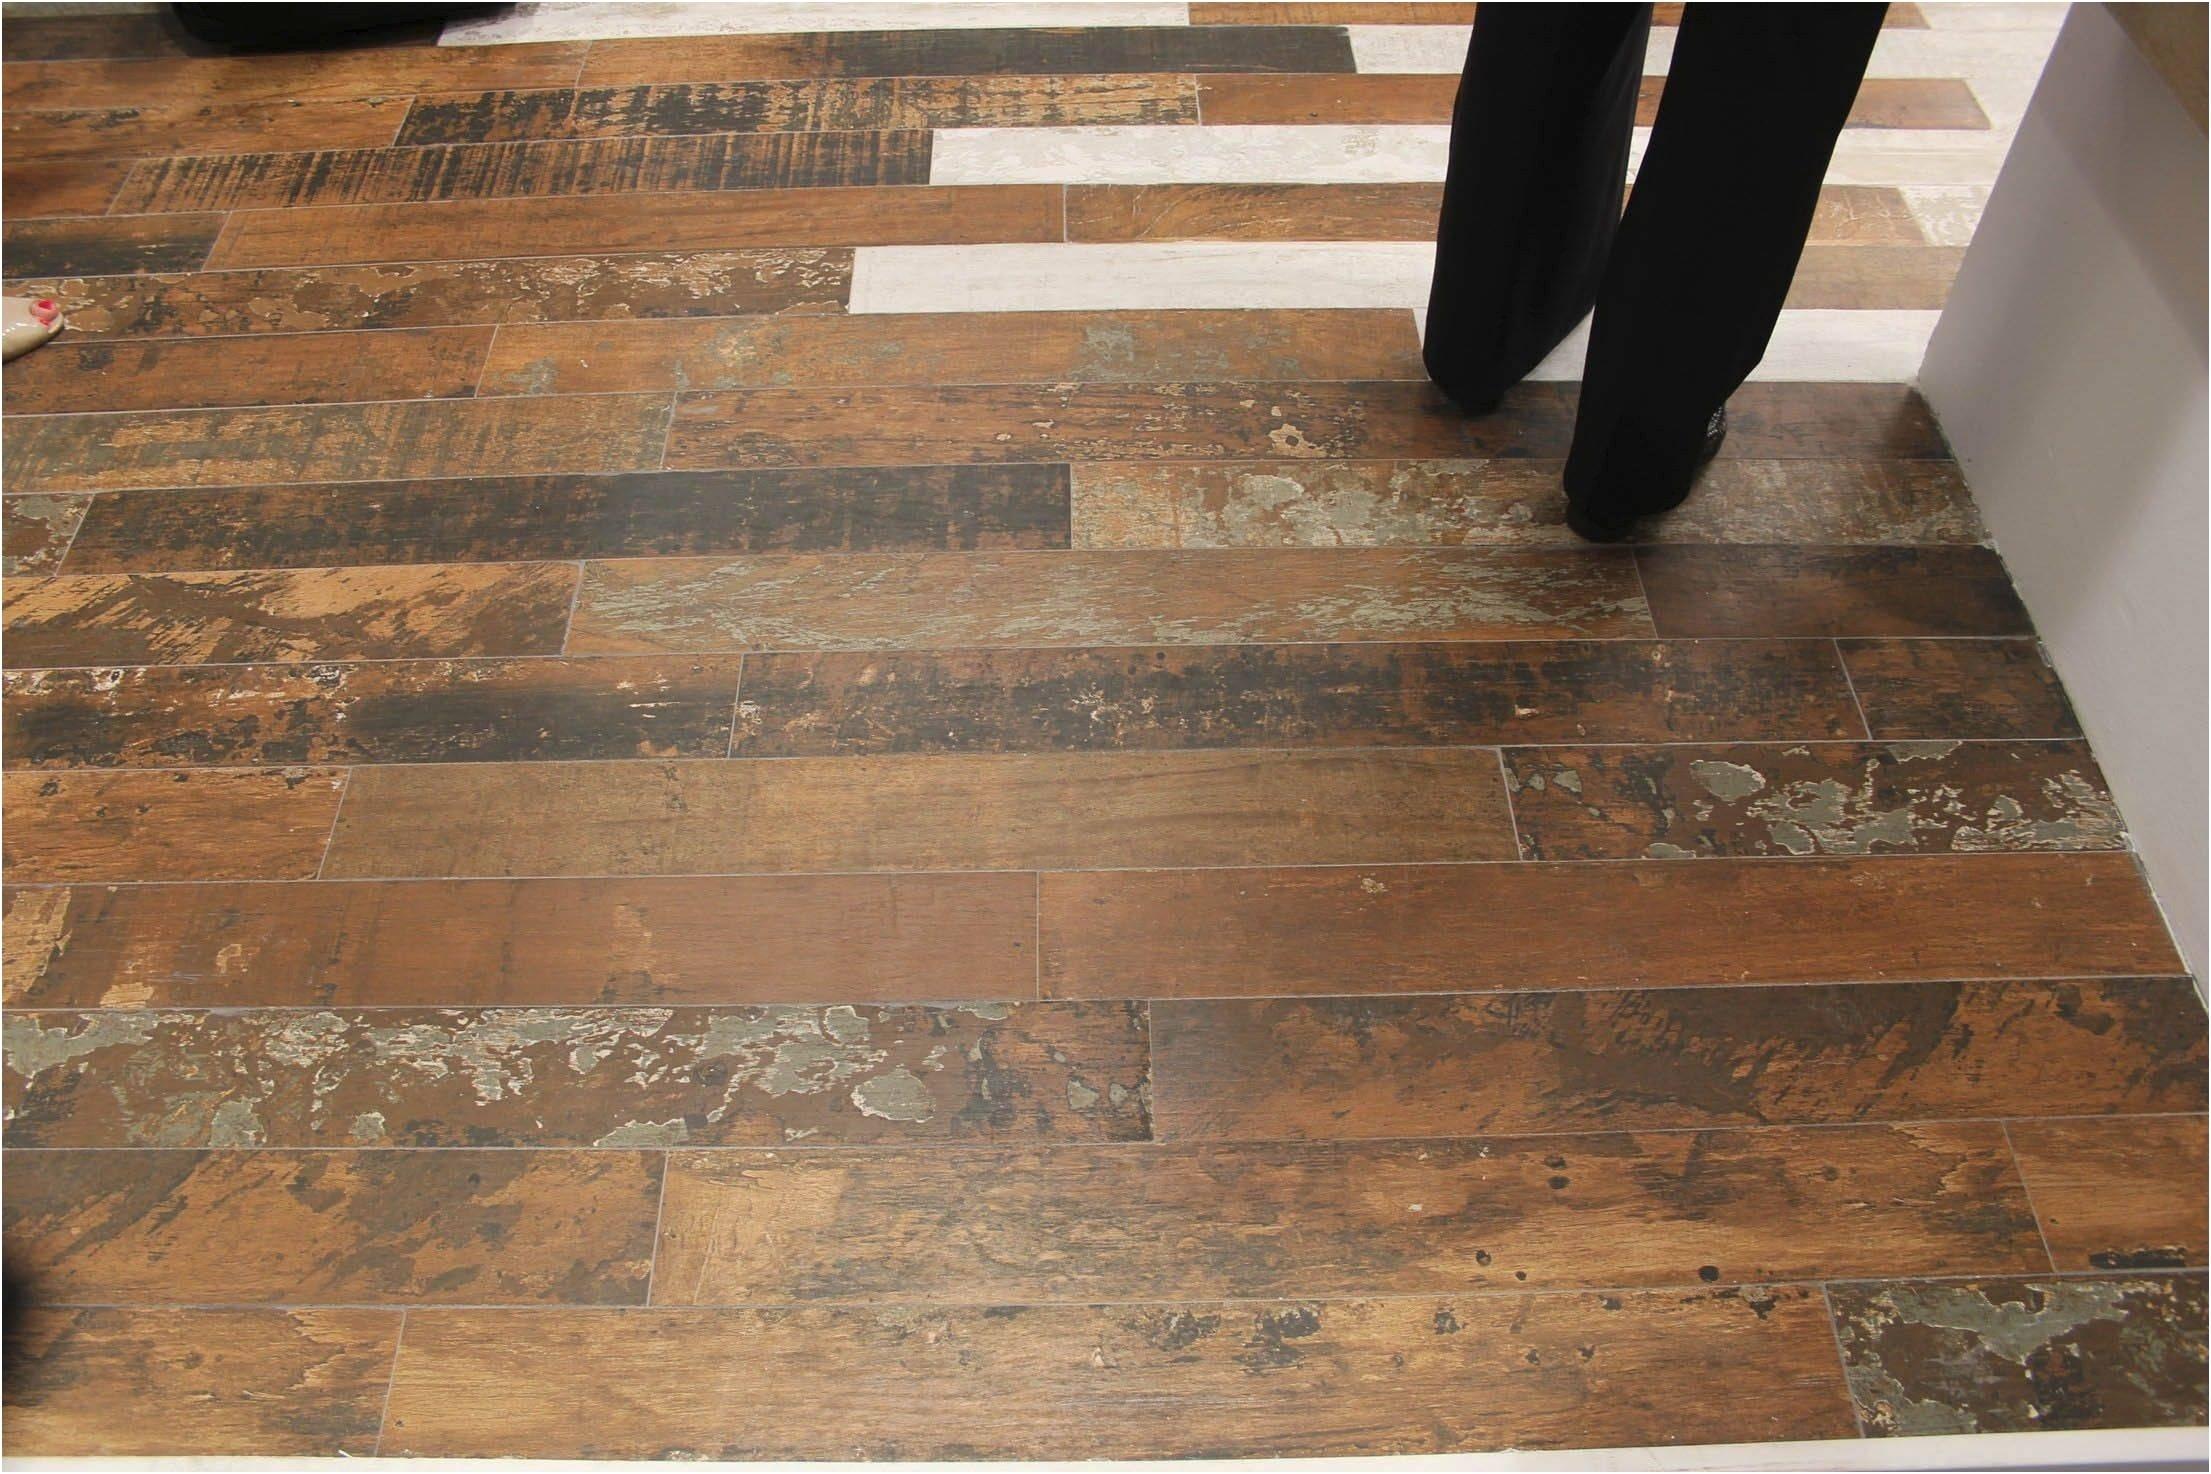 Linoleum That Looks Like Distressed Wood